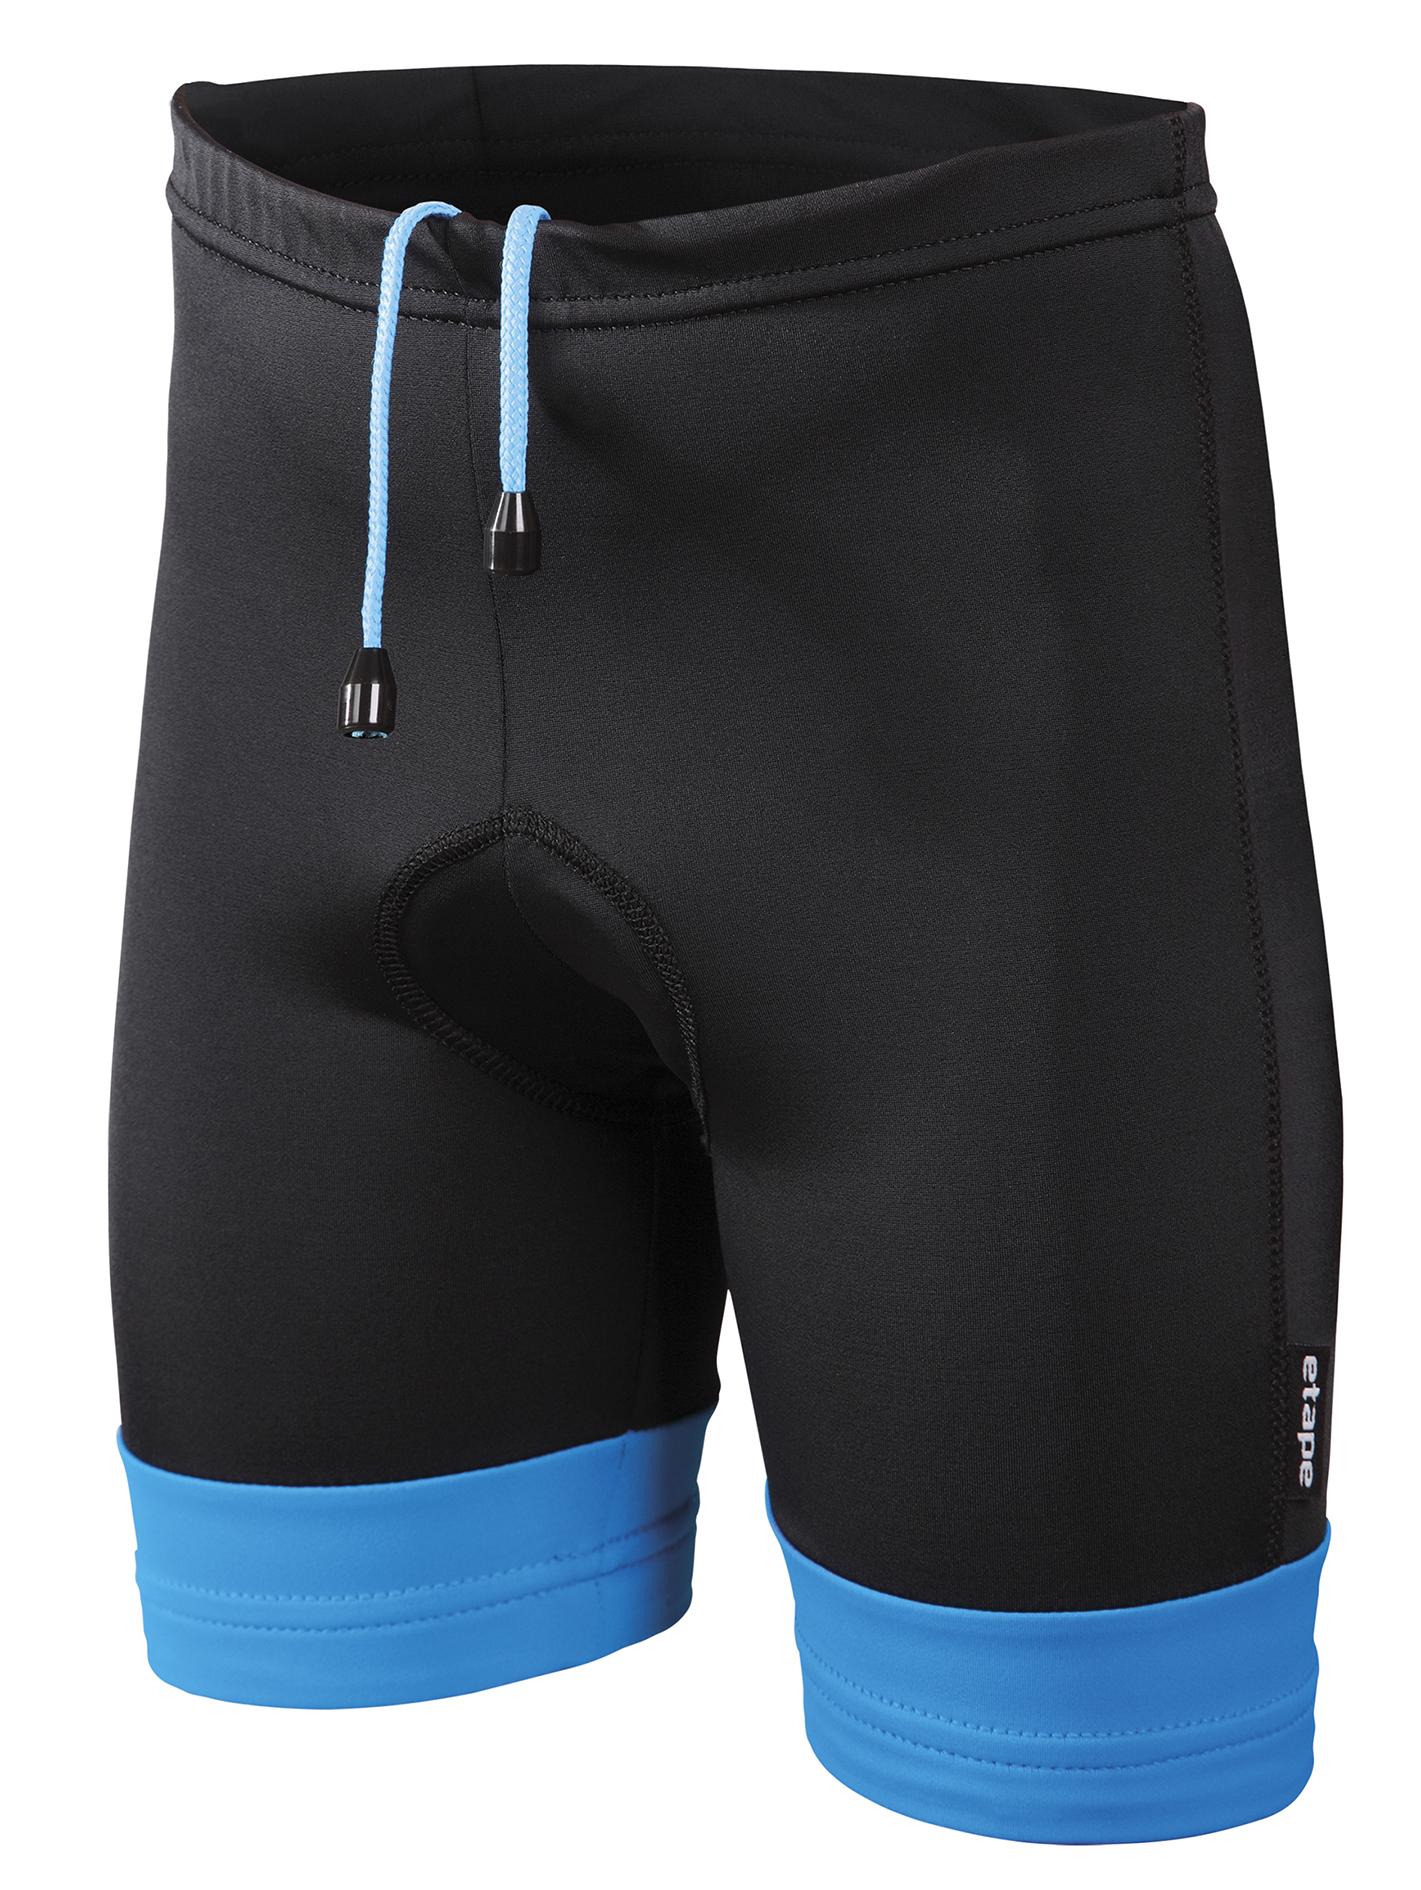 Dětské cyklistické kraťasy ETAPE Junior, 140/146, černá/modrá, model 2017 (Dětské kraťasy Etape, s vložkou )